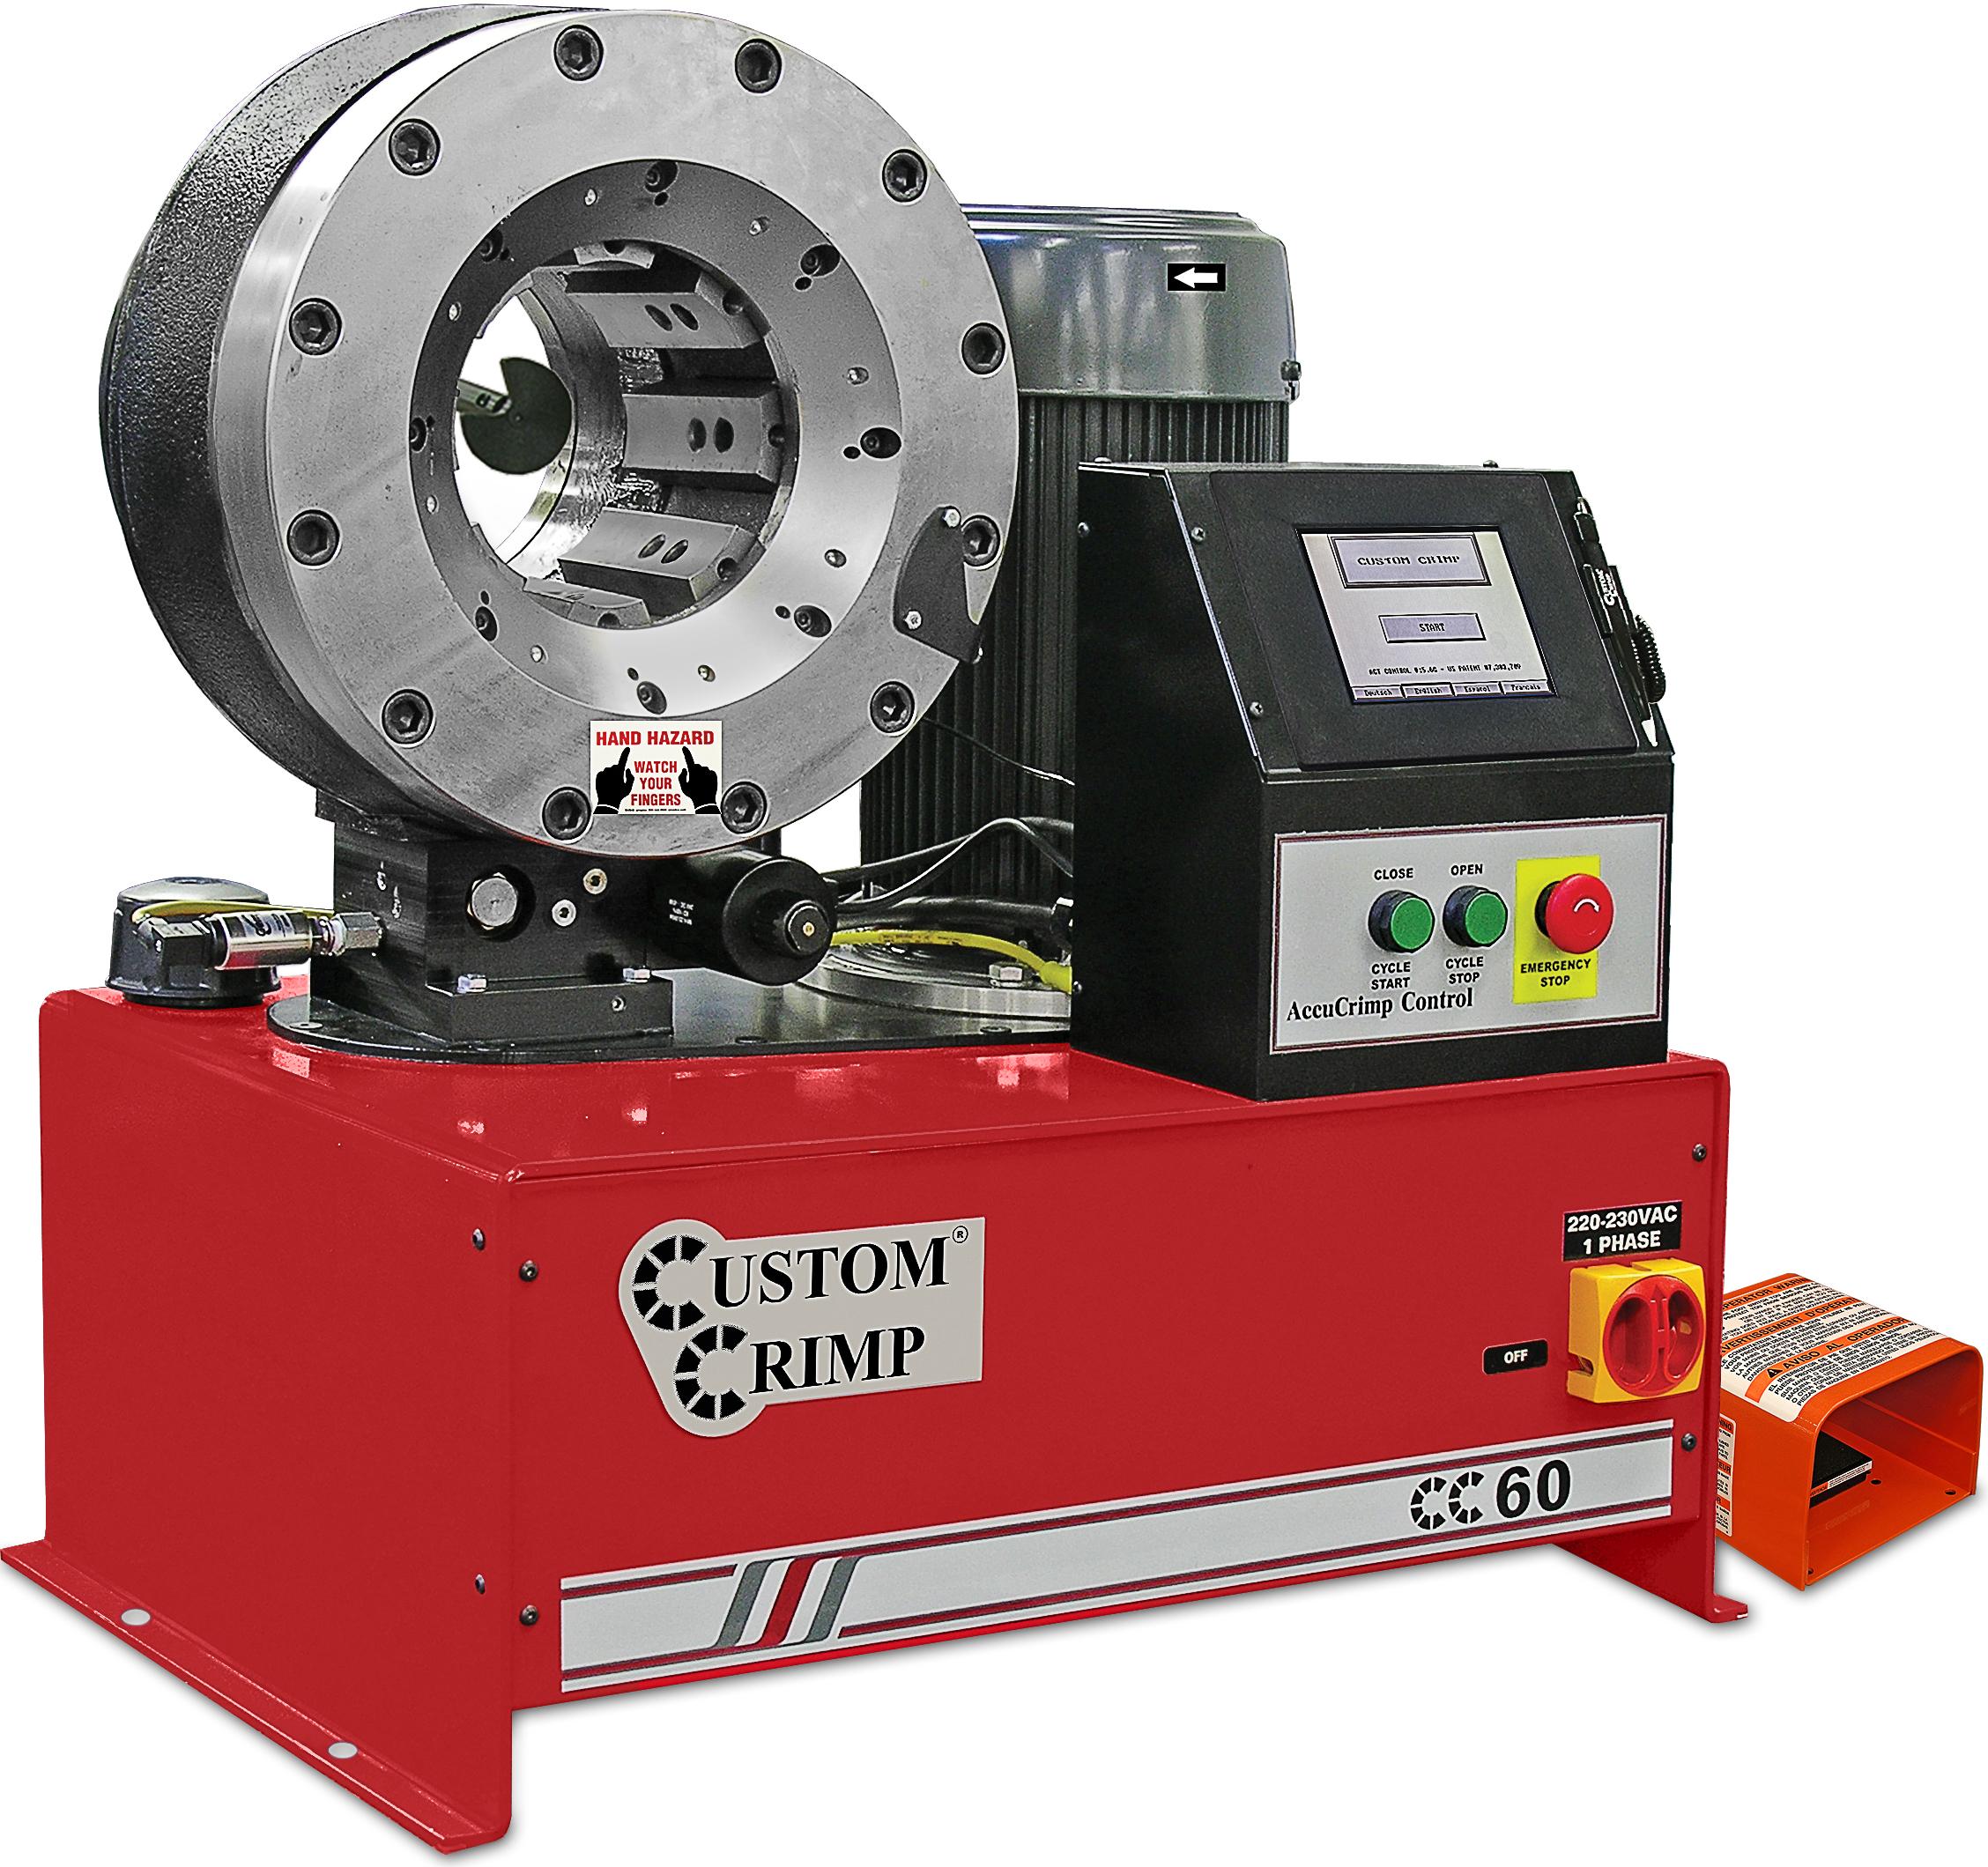 CC60 Crimper